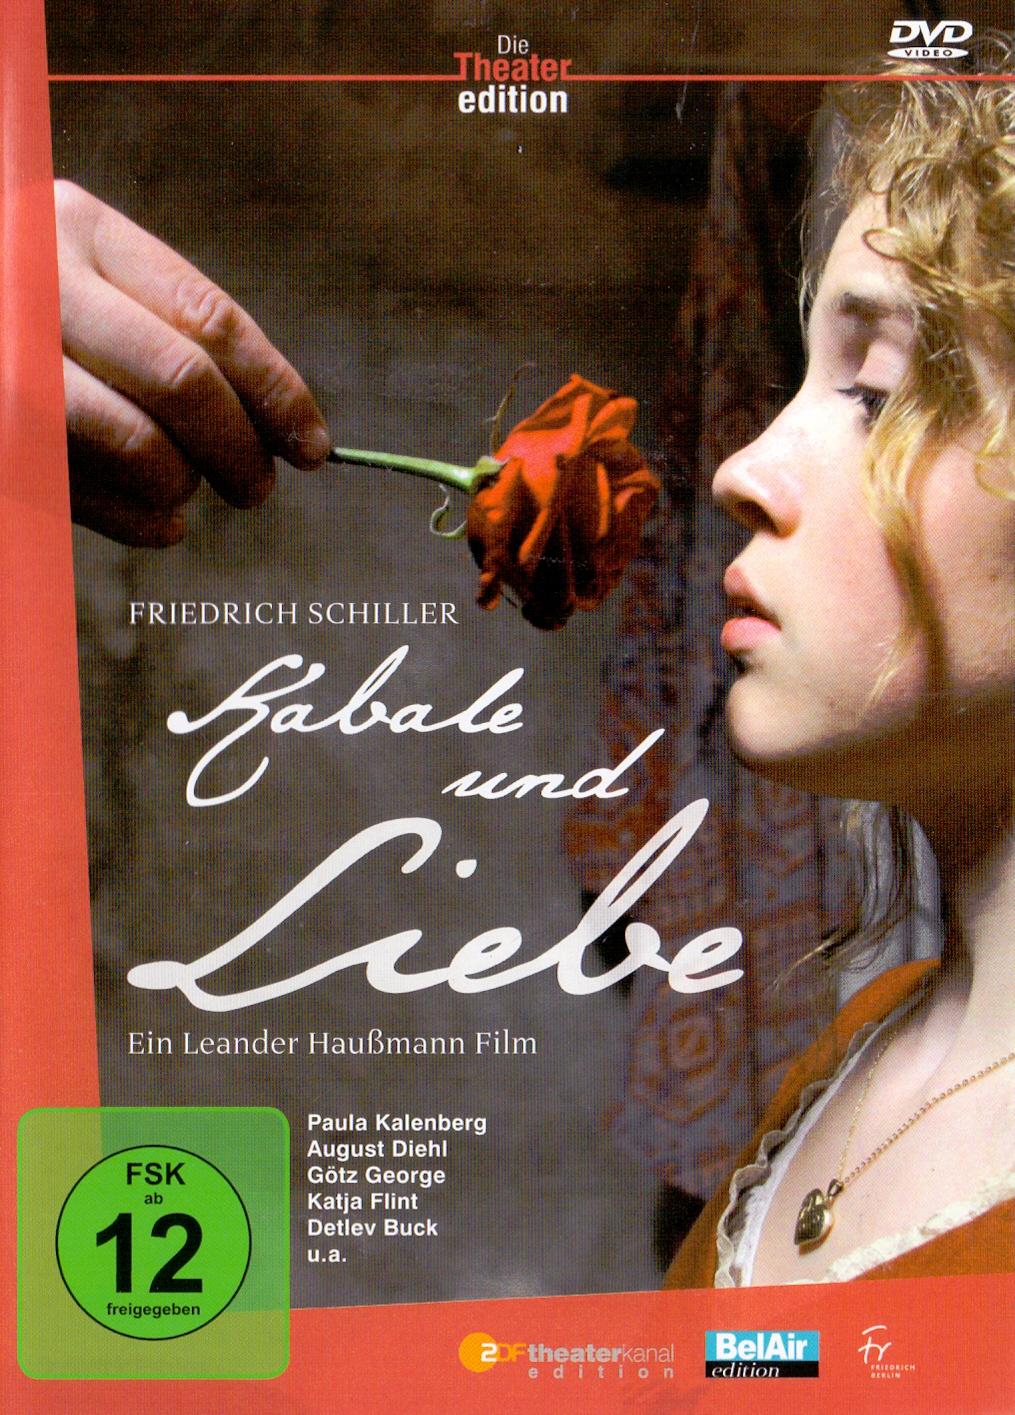 Die Theater Edition: Kabale und Liebe - Friedri...